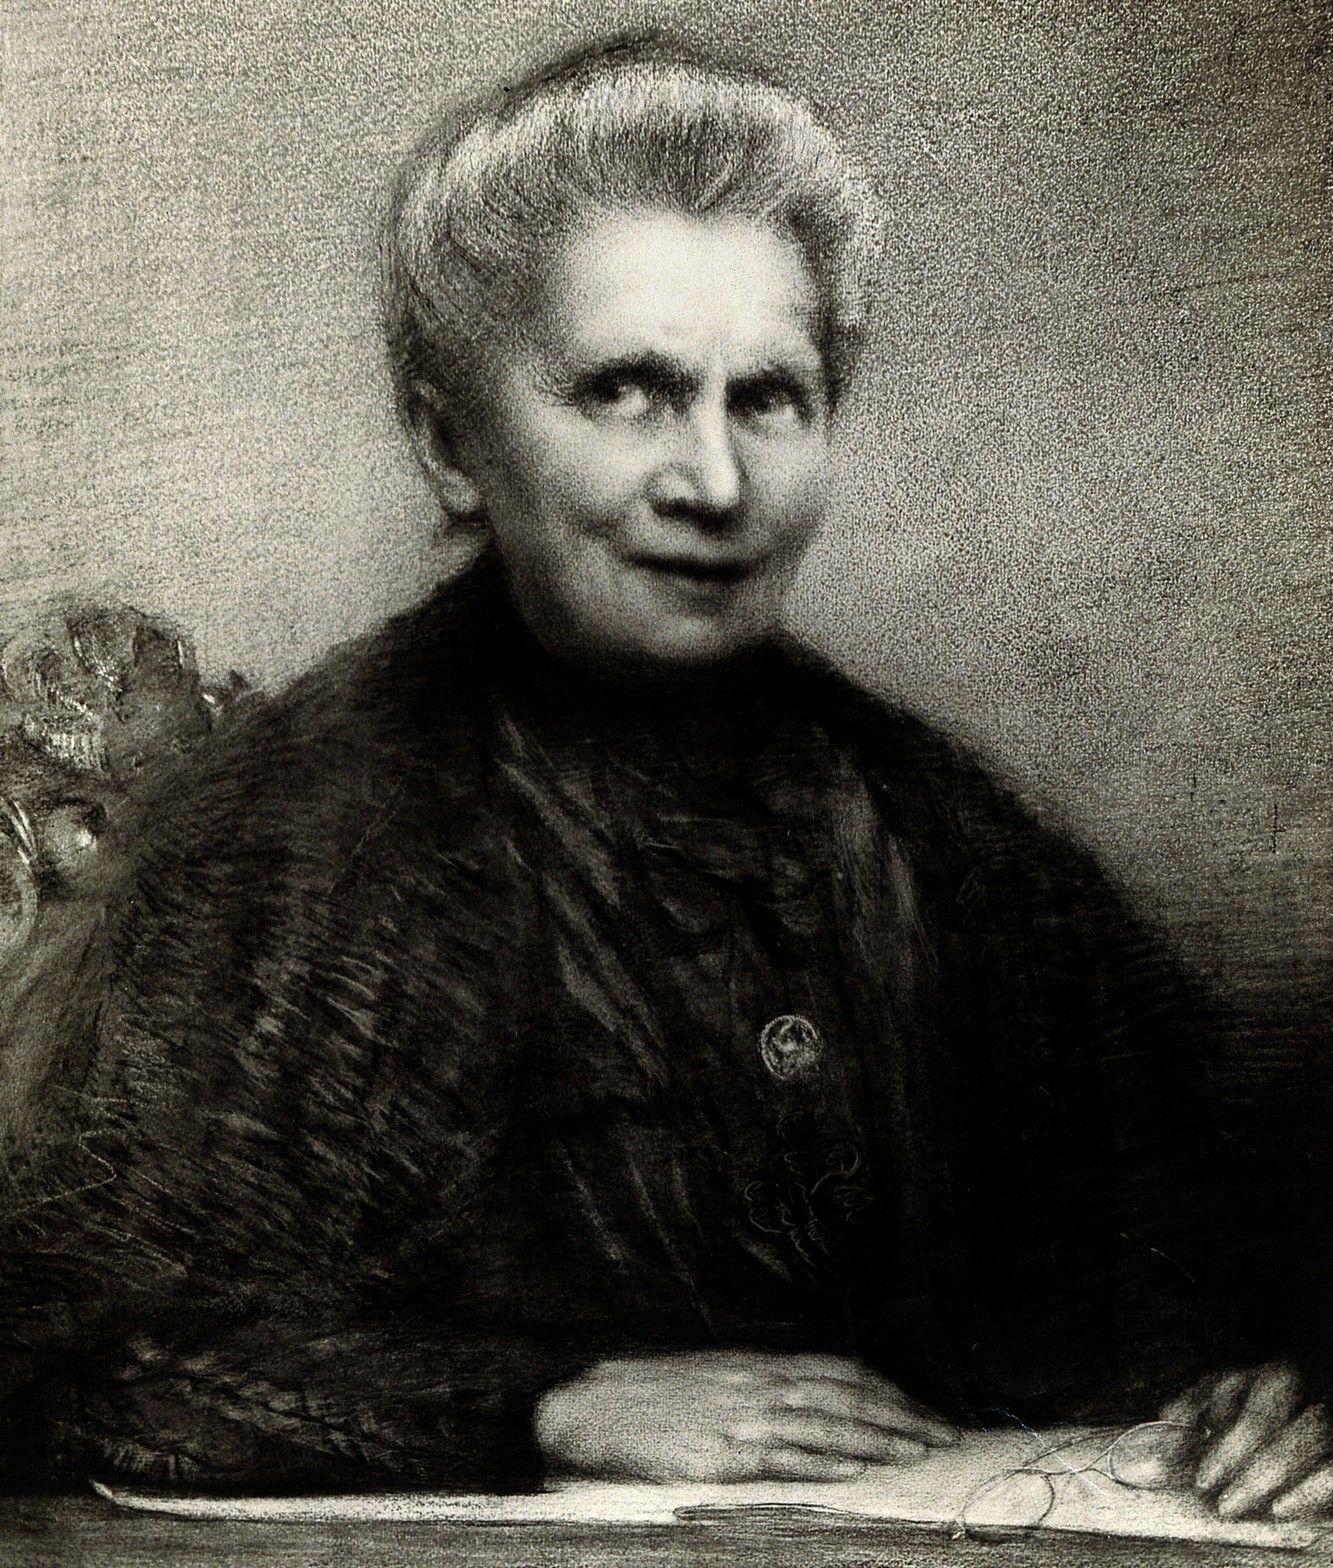 """Na """"Latającym Uniwersytecie"""" pierwsze naukowe kroki stawiała też Maria Skłodowska-Curie (źródło: Wellcome Images, lic. CC BY 4.0)."""